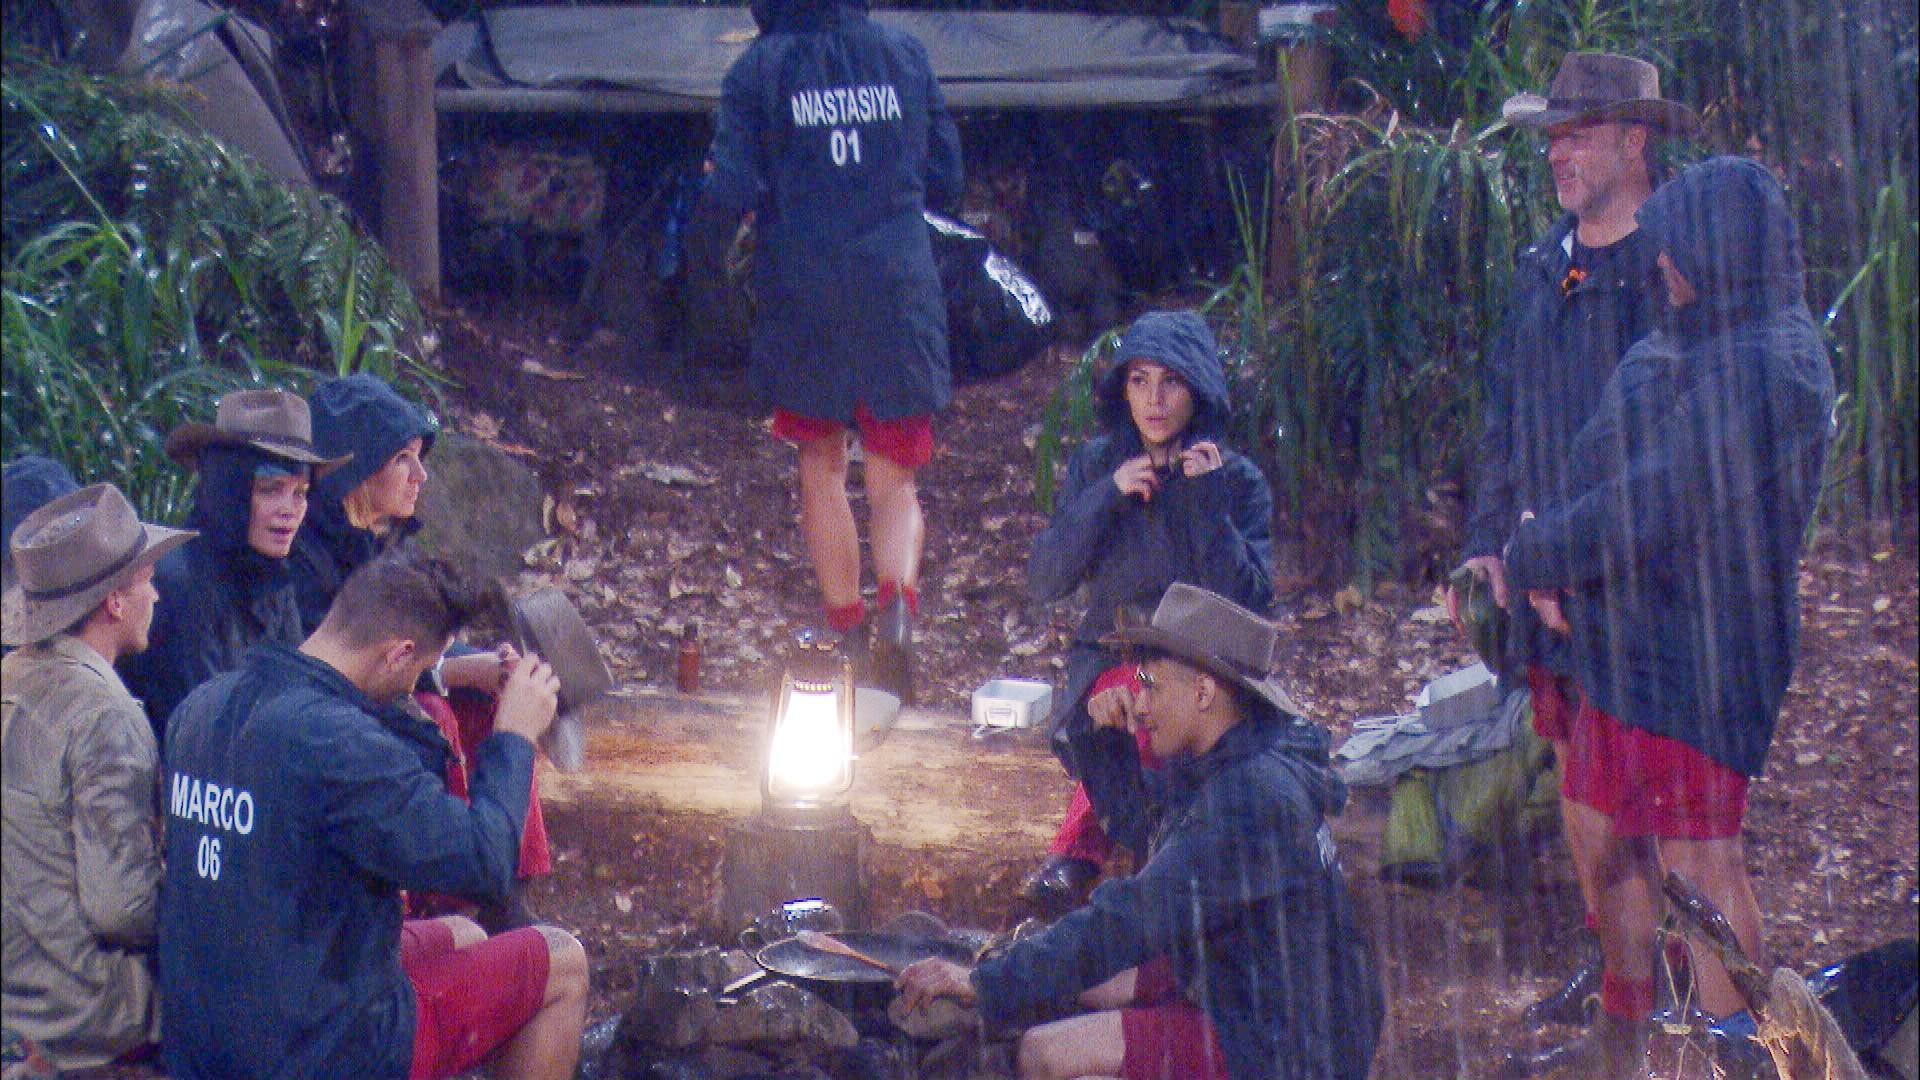 Dschungelcamp 2020 Wetter aktuell Regen.jpg